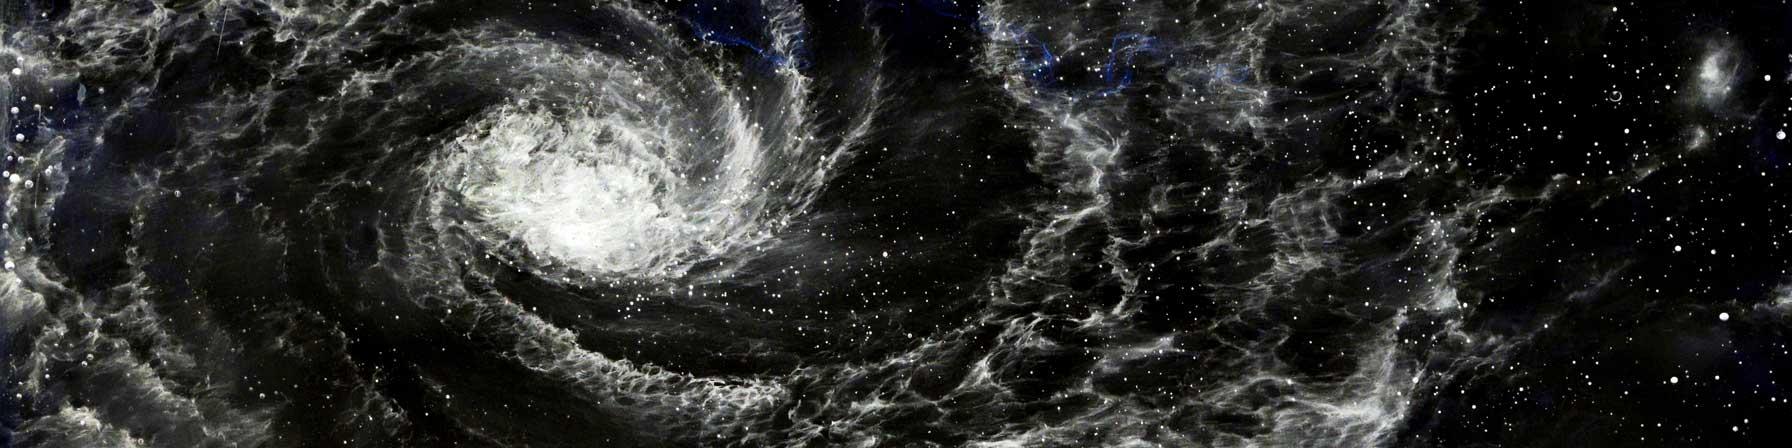 山本基の写真作品「たゆたう庭」鉛筆ドローイングの画像を反転させたジクレープリント作品。